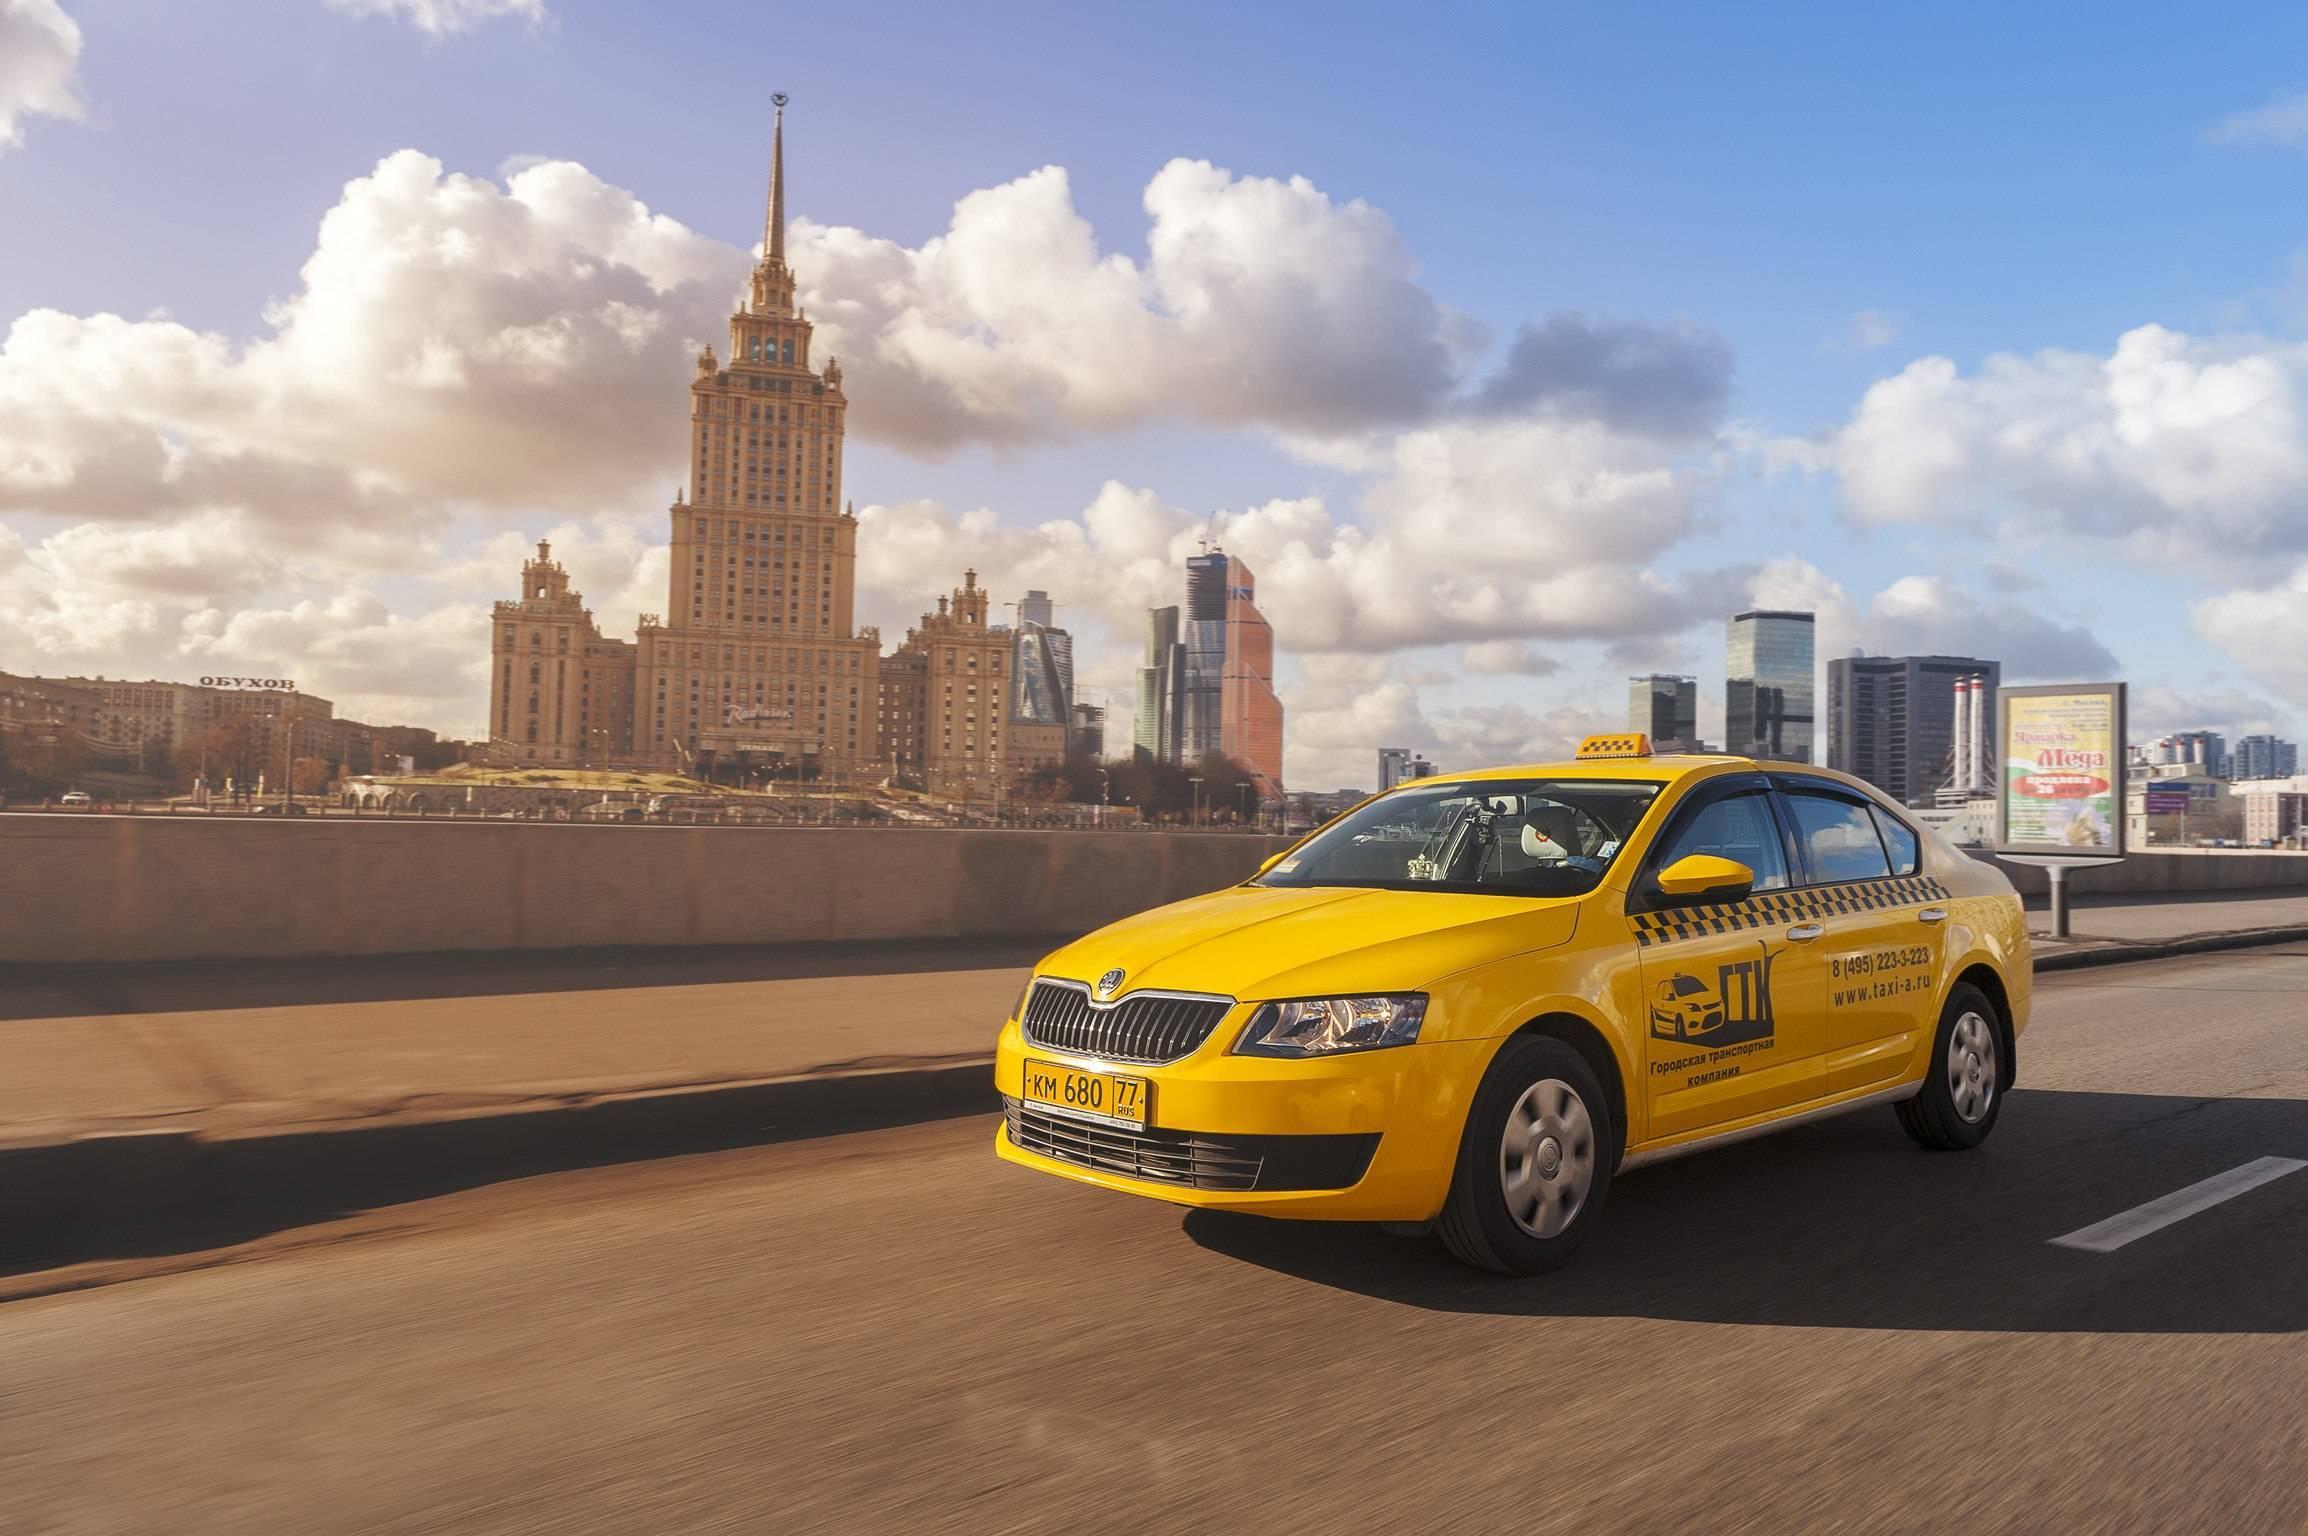 это время картинки такси для машины дошедшей наших дней